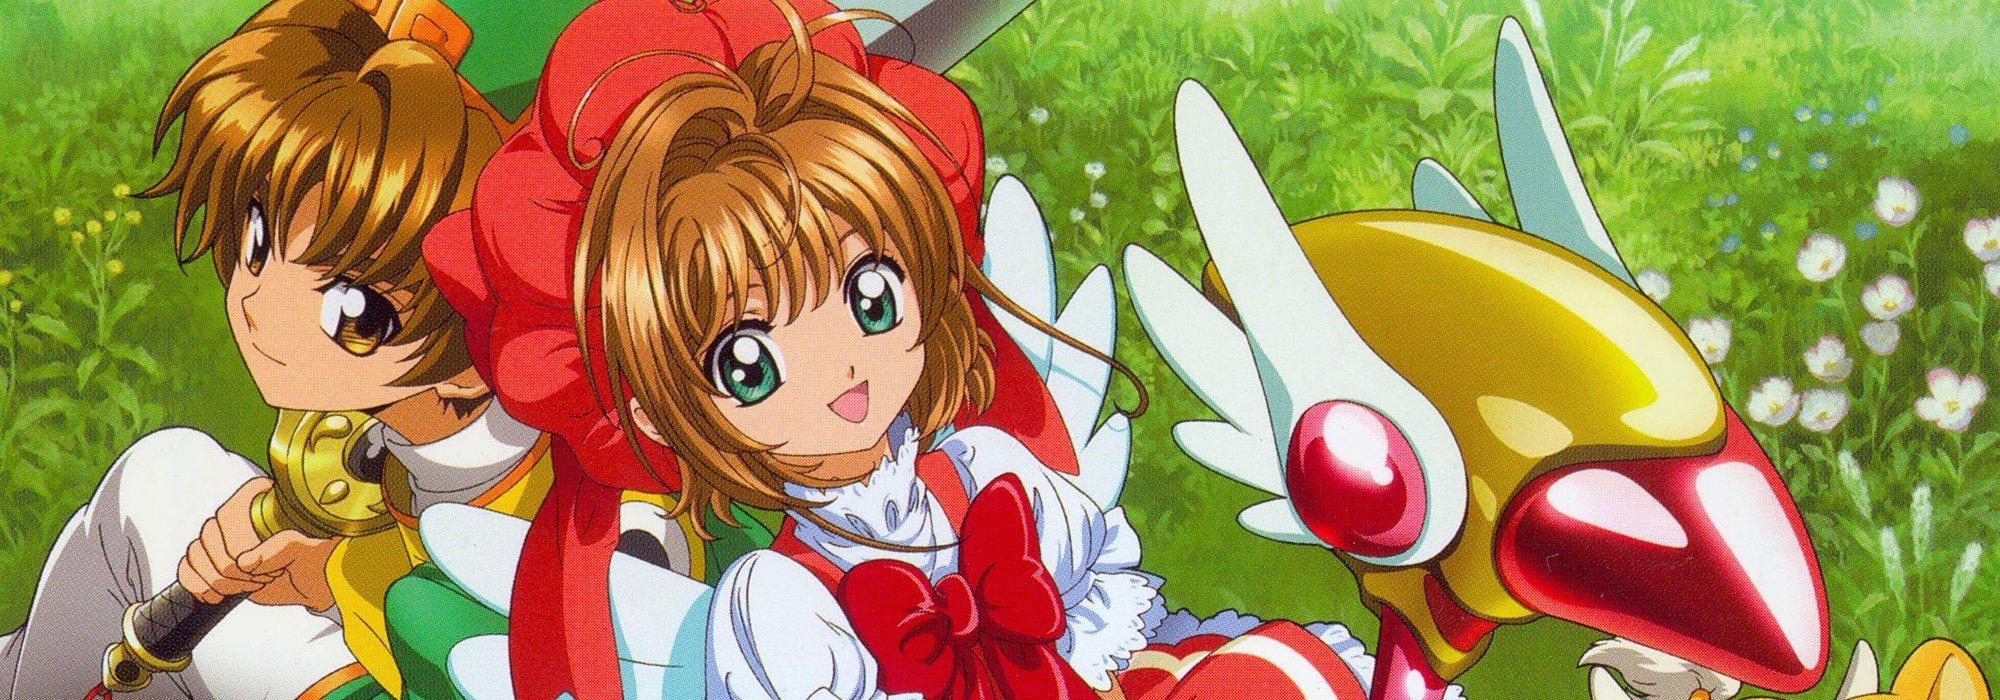 Sakura: Cazadora de cartas